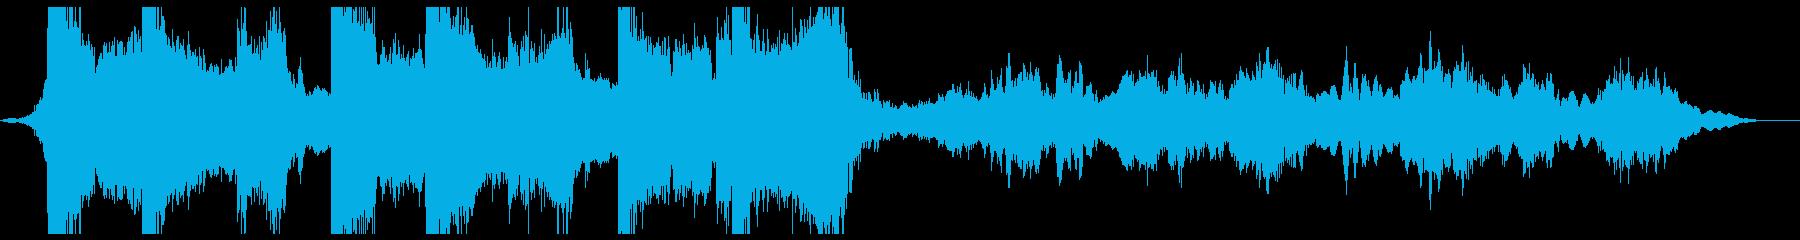 神秘的ブルガリアンボイスのイントロ風な曲の再生済みの波形